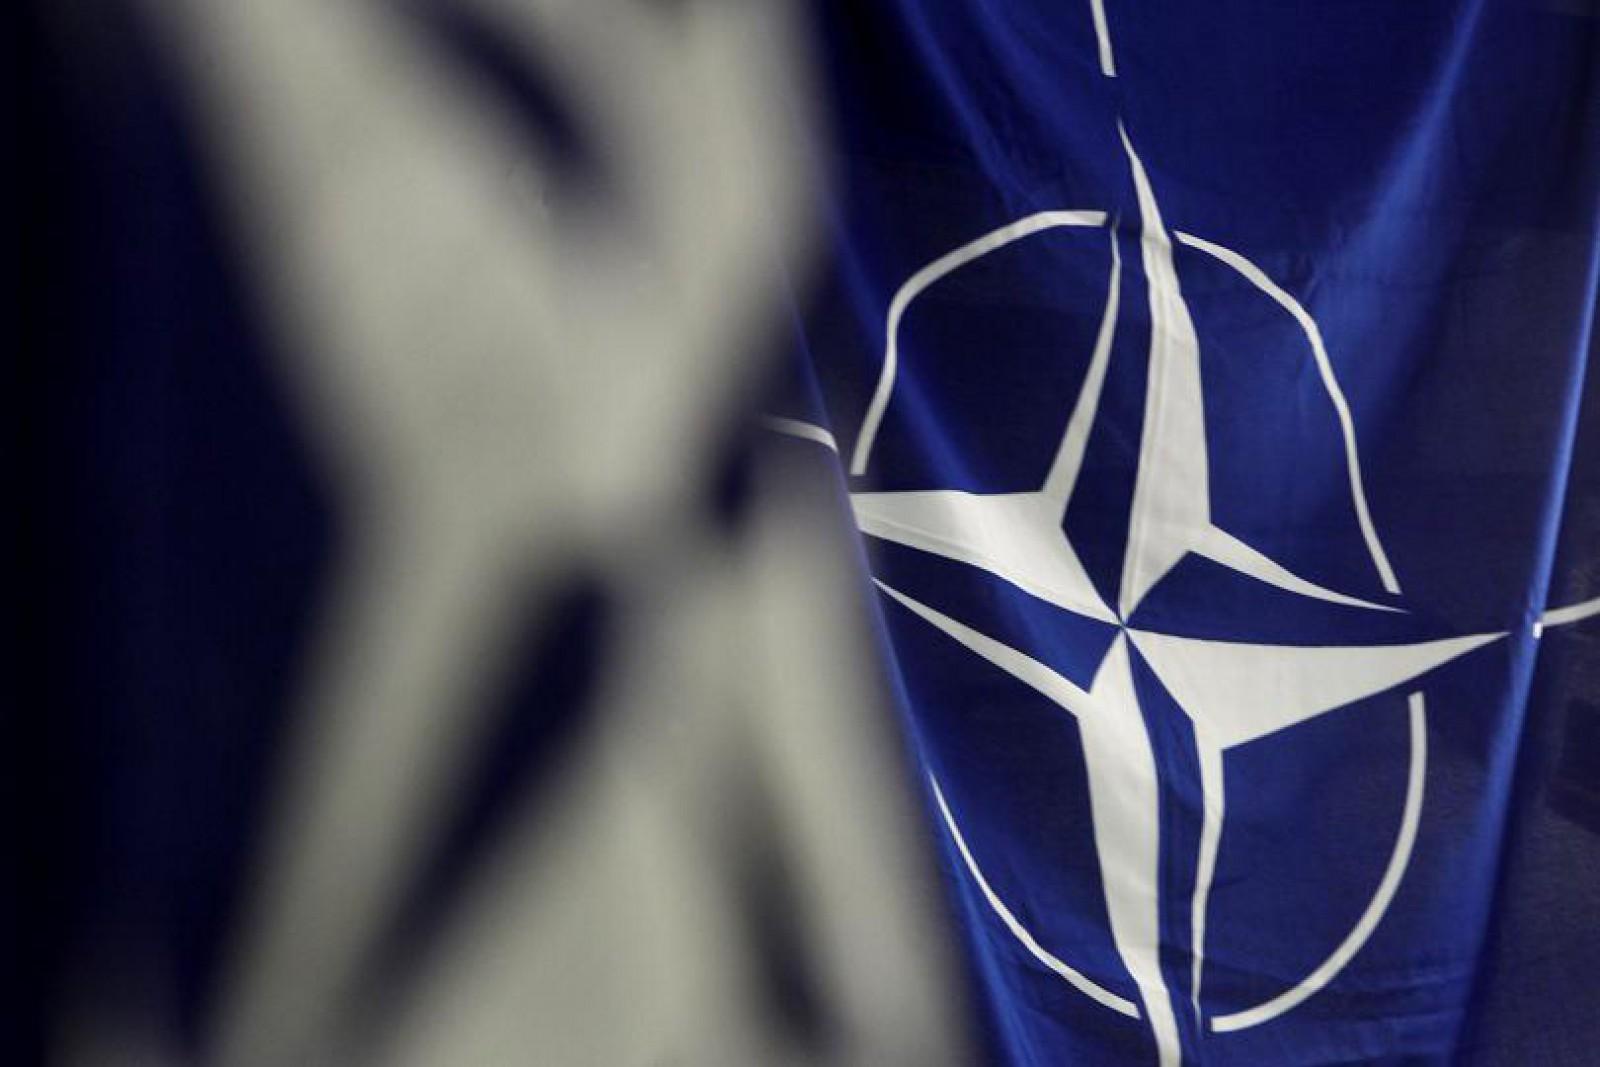 NATO cere Rusiei să-și retragă forțele militare de pe teritoriul Republicii Moldova, Georgiei și Ucrainei